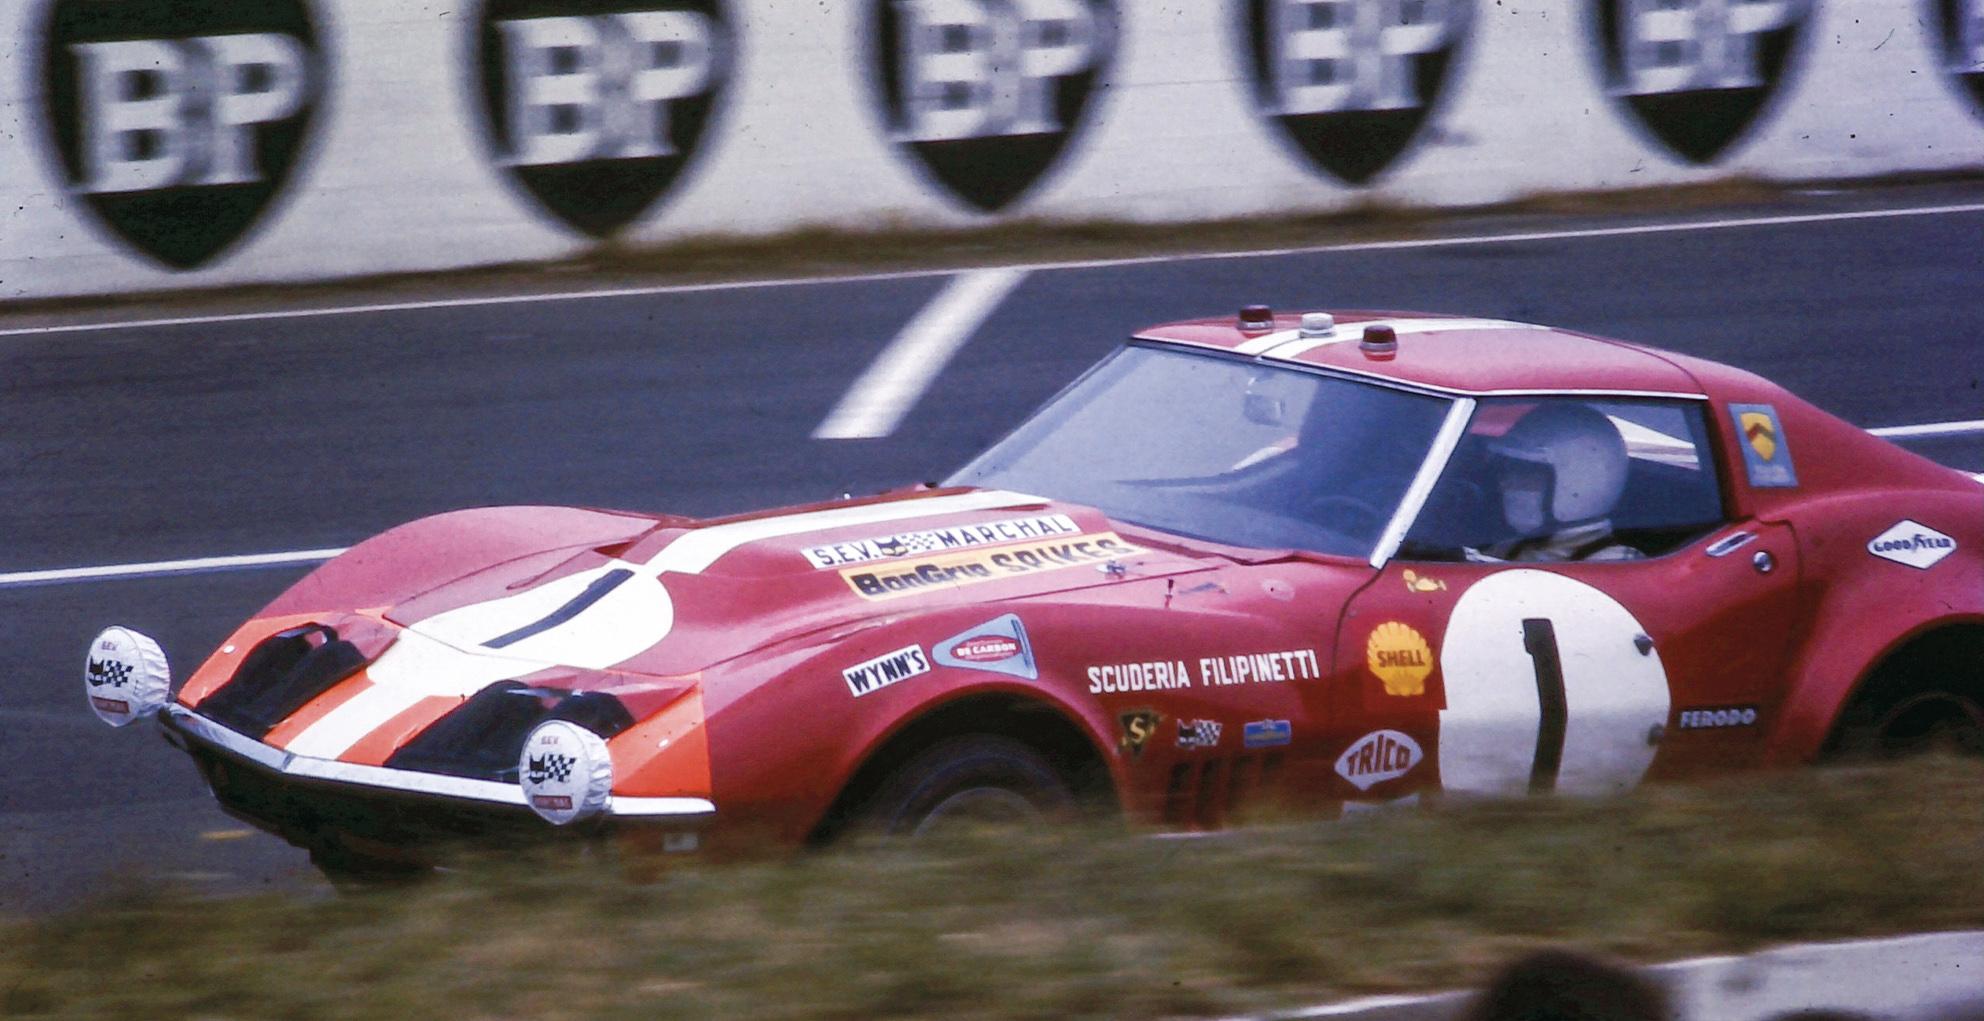 1969 Le Mans 24 Hours Scuderia Filipinetti Corvette